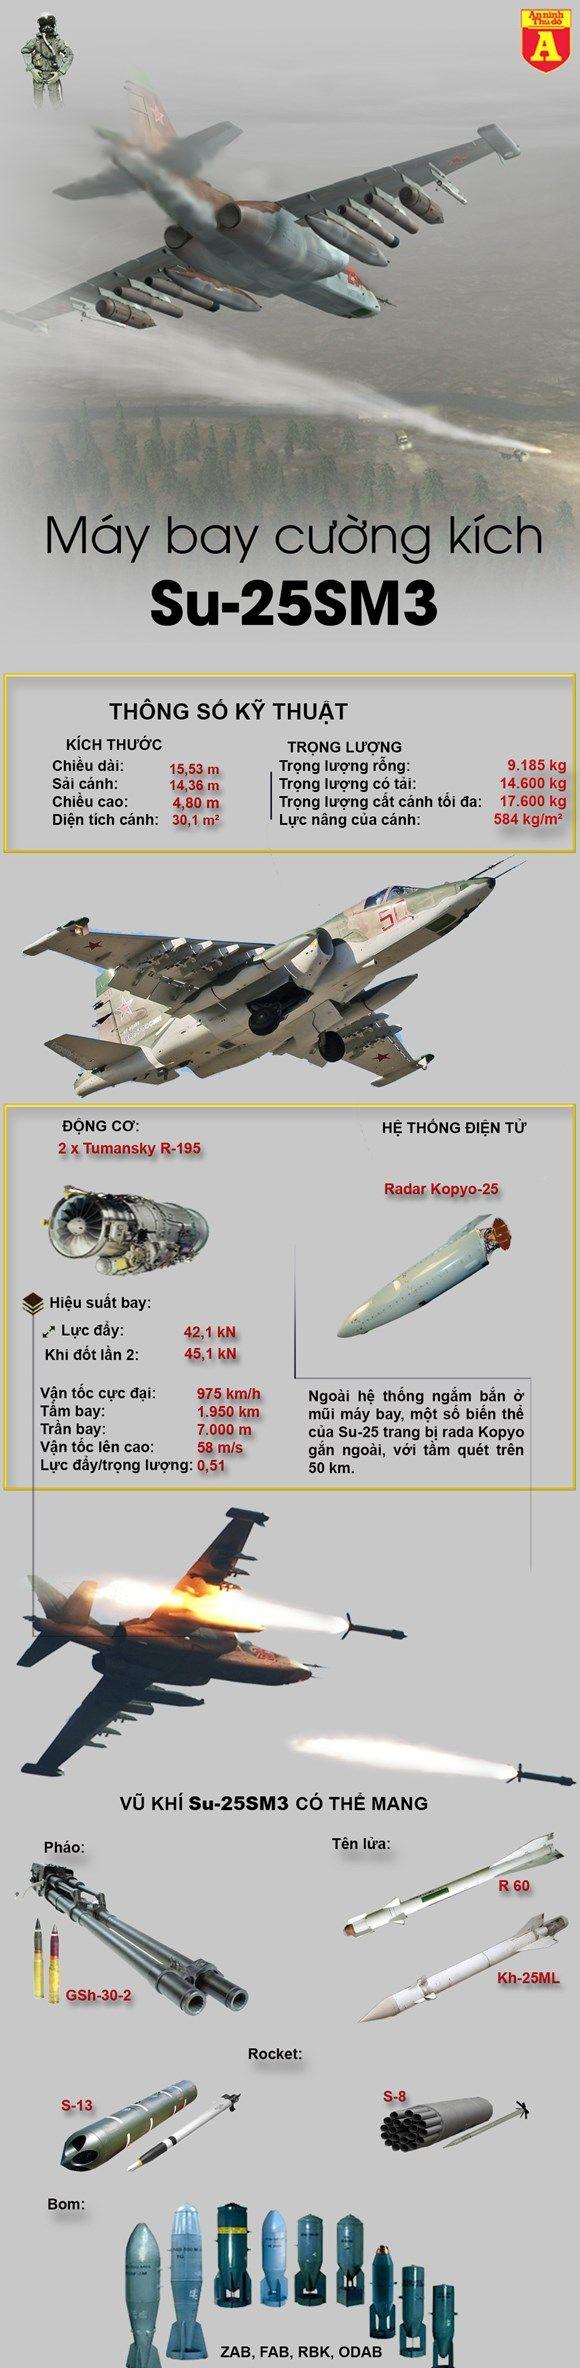 Sức mạnh của cường kích sát thủ Su-25SM3.